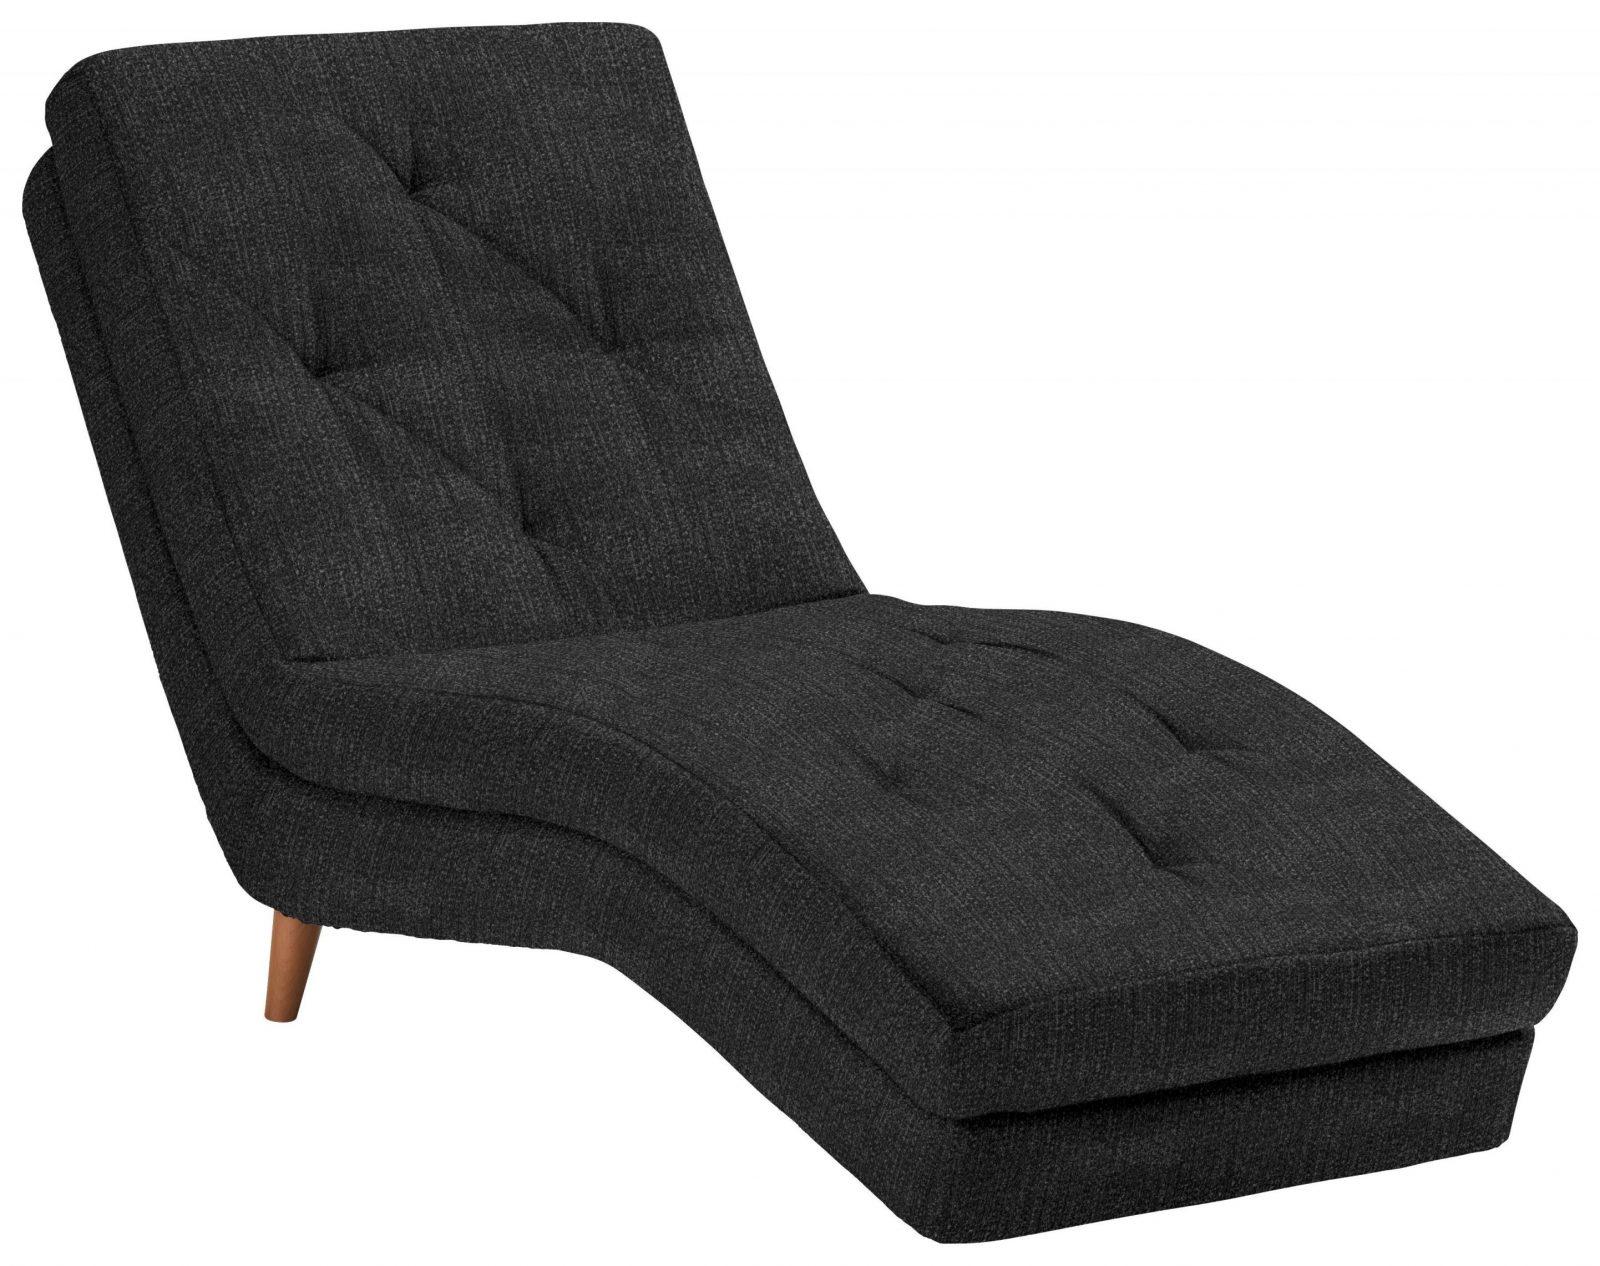 Relaxliegen  Liegesessel Fürs Wohnzimmer Kaufen  Xxxlutz von Relaxliege Leder Elektrisch Verstellbar Bild